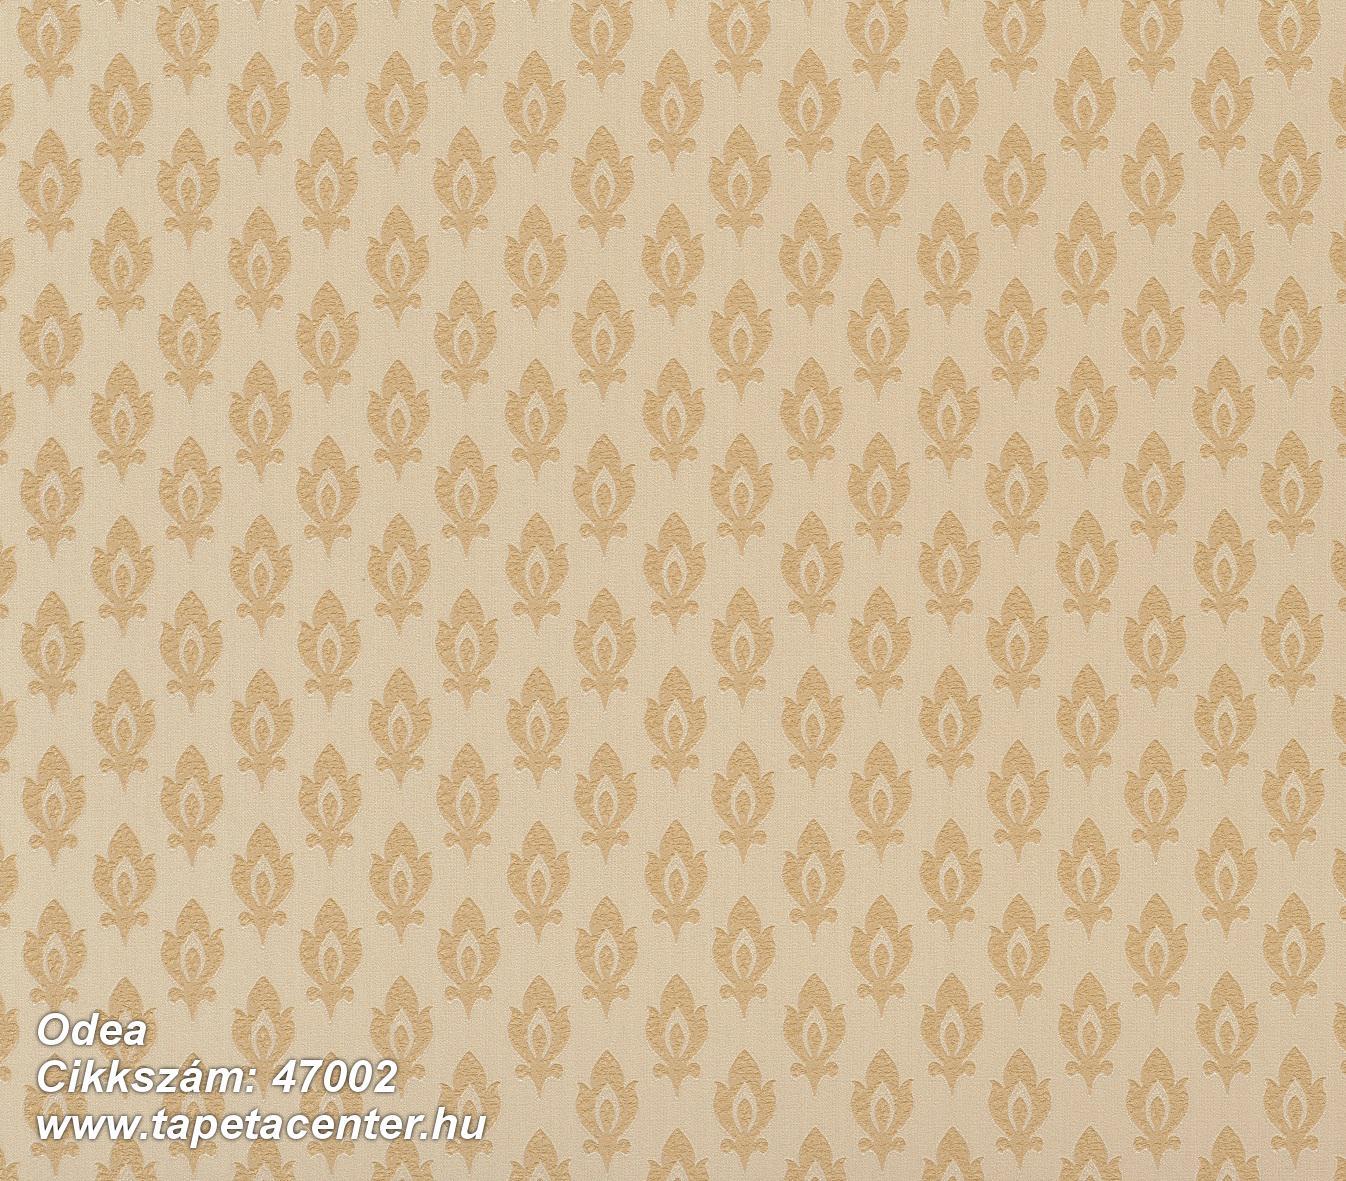 Odea - 47002 Olasz tapéta